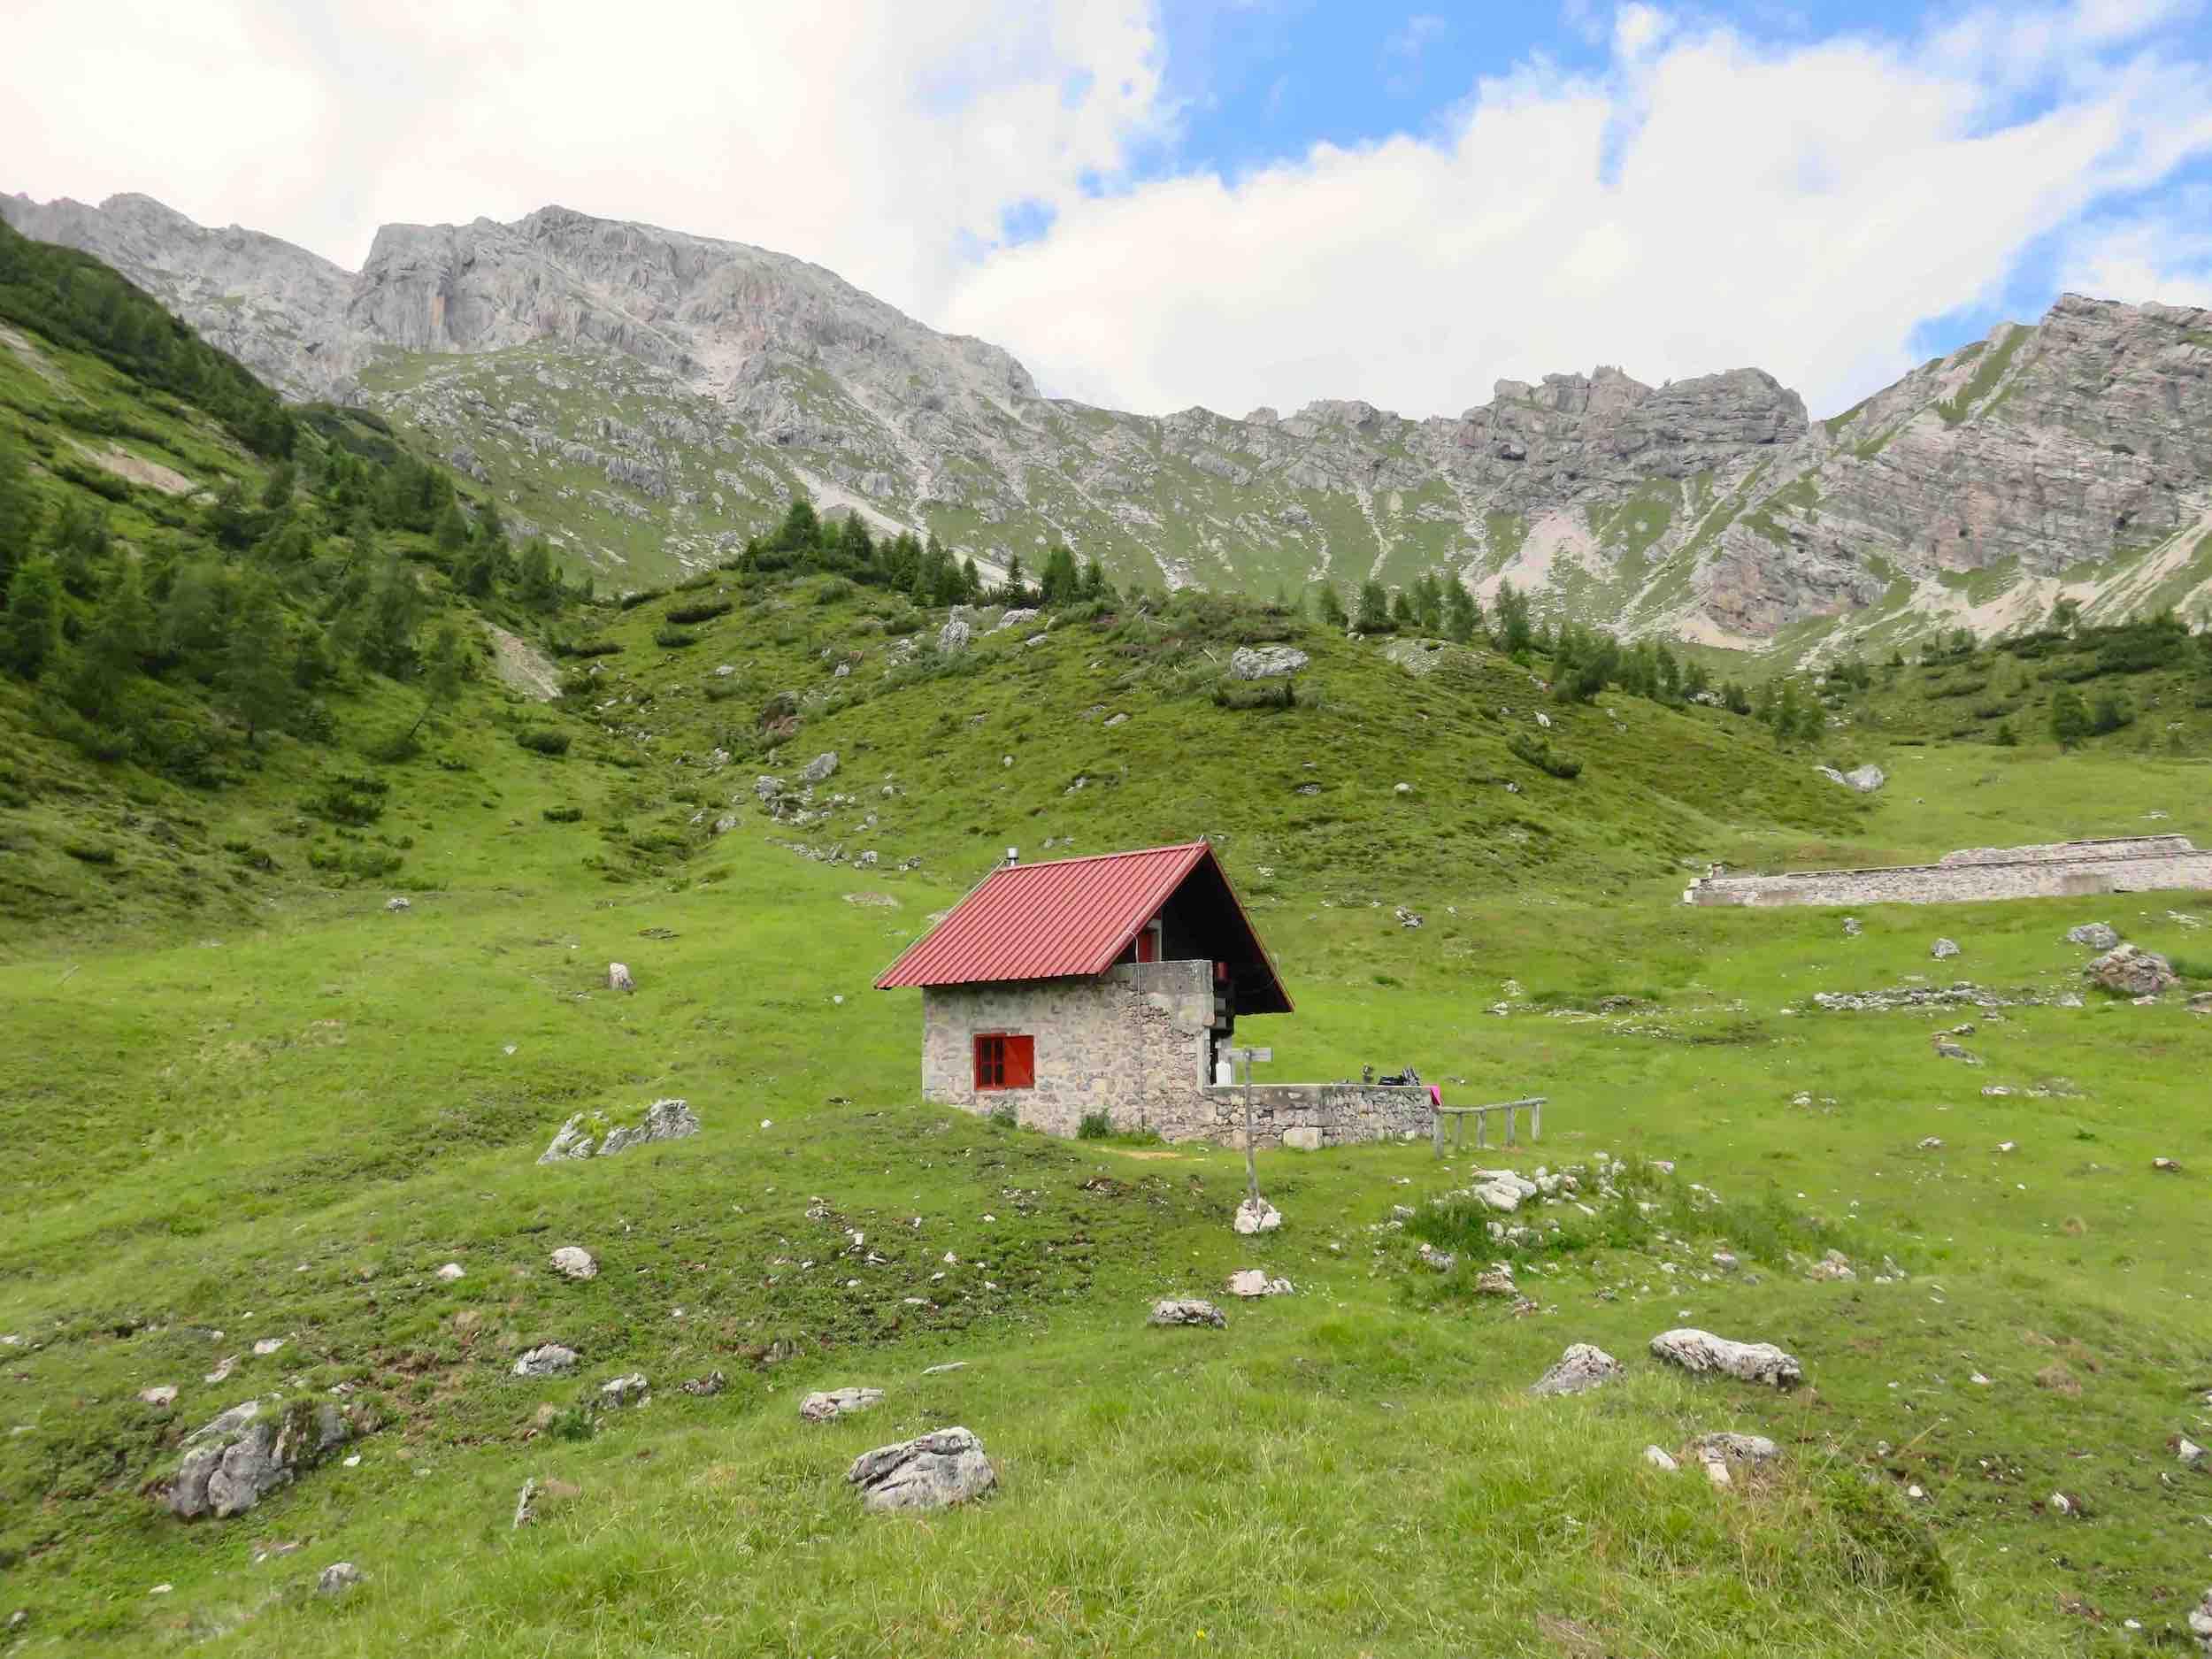 casera Pramaggiore, Val Settimana, Dolomiti Friulane, Claut